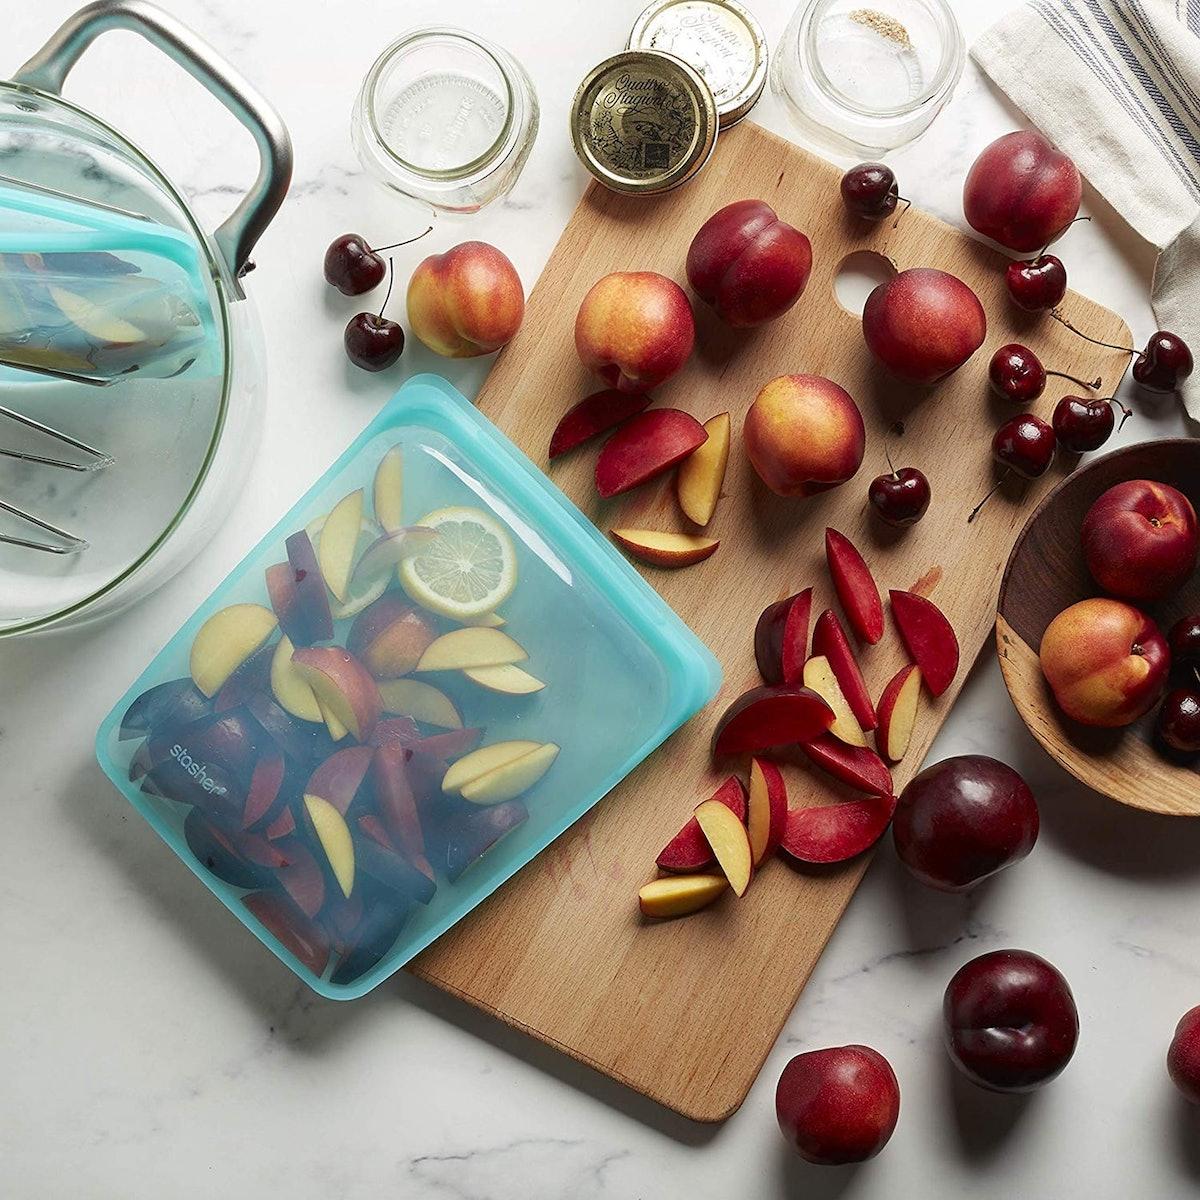 Stasher Silicone Reusable Food Bags